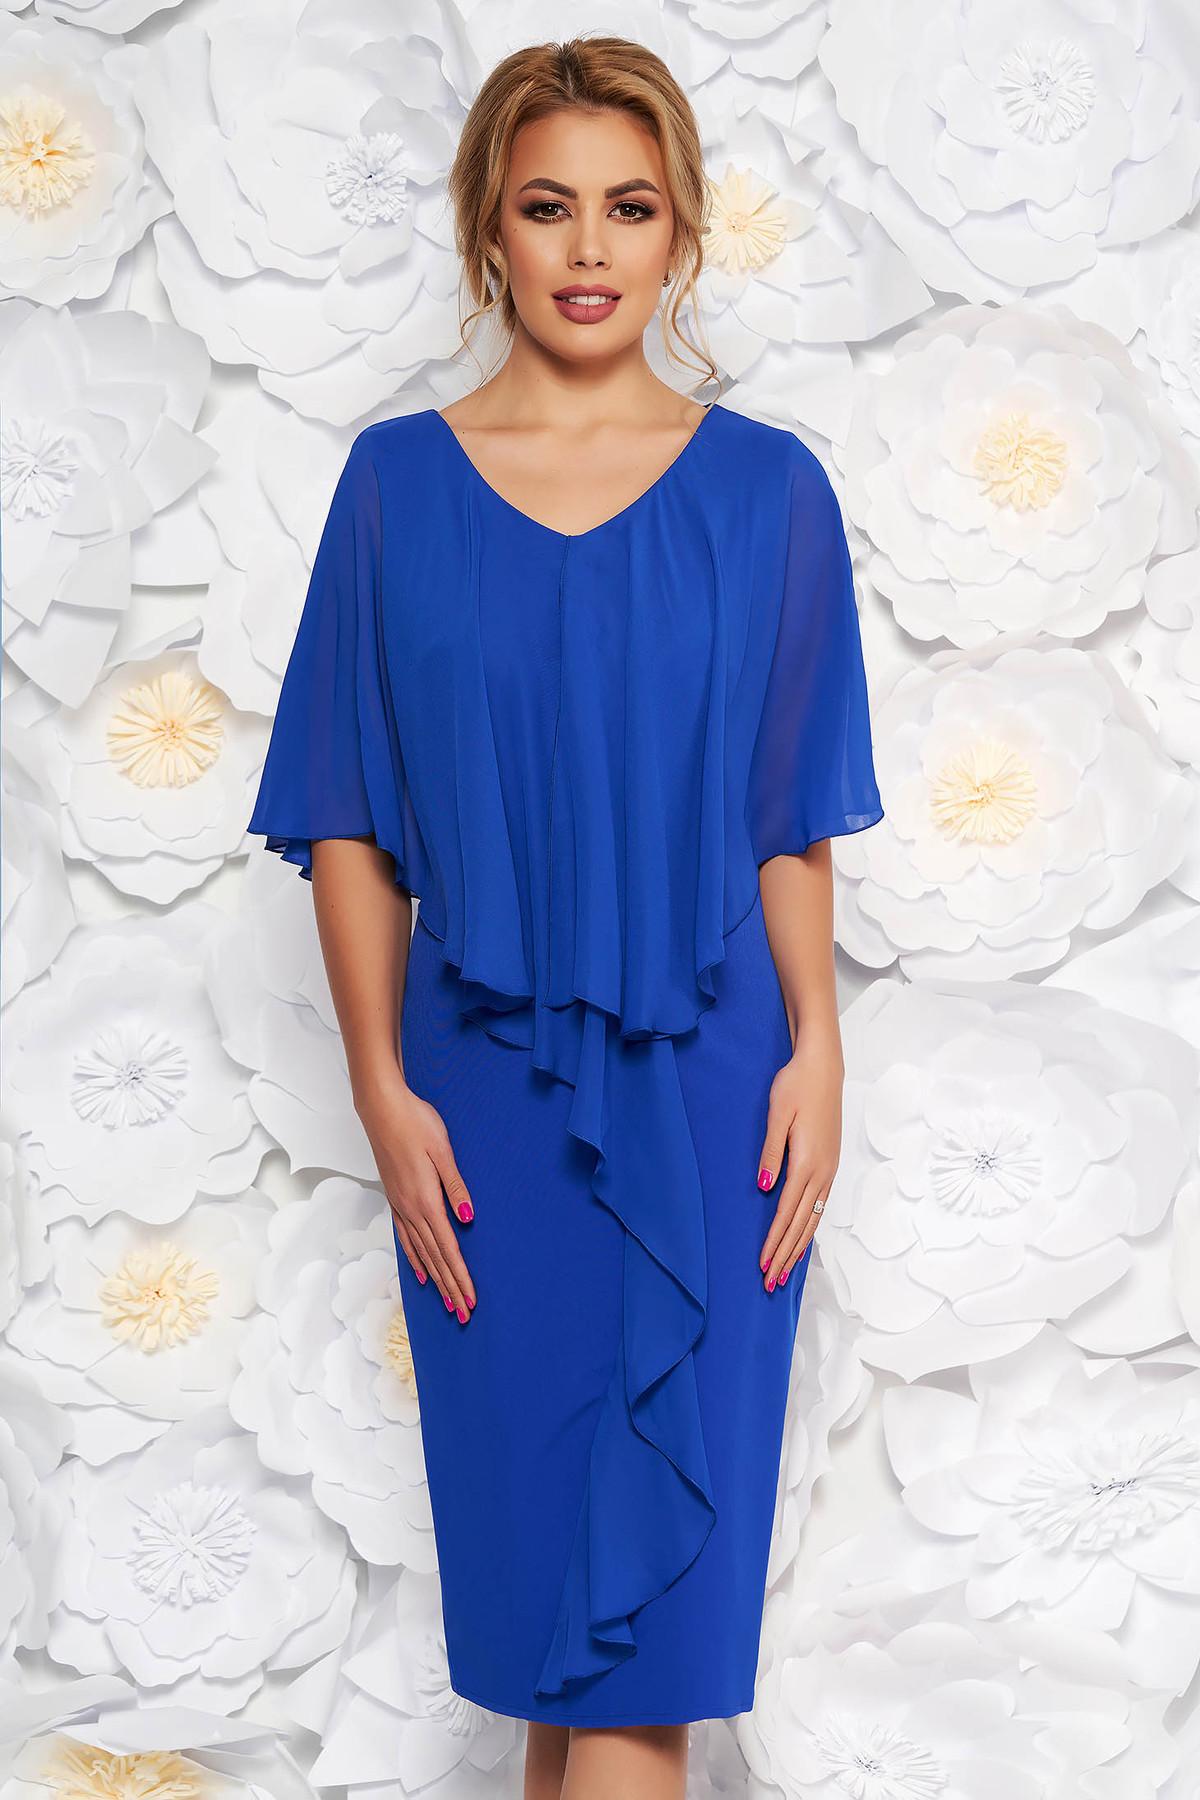 830d34c7dc Kék alkalmi midi ruha ujjatlan karcsusított szabás enyhén rugalmas szövet  fátyol anyagátfedés